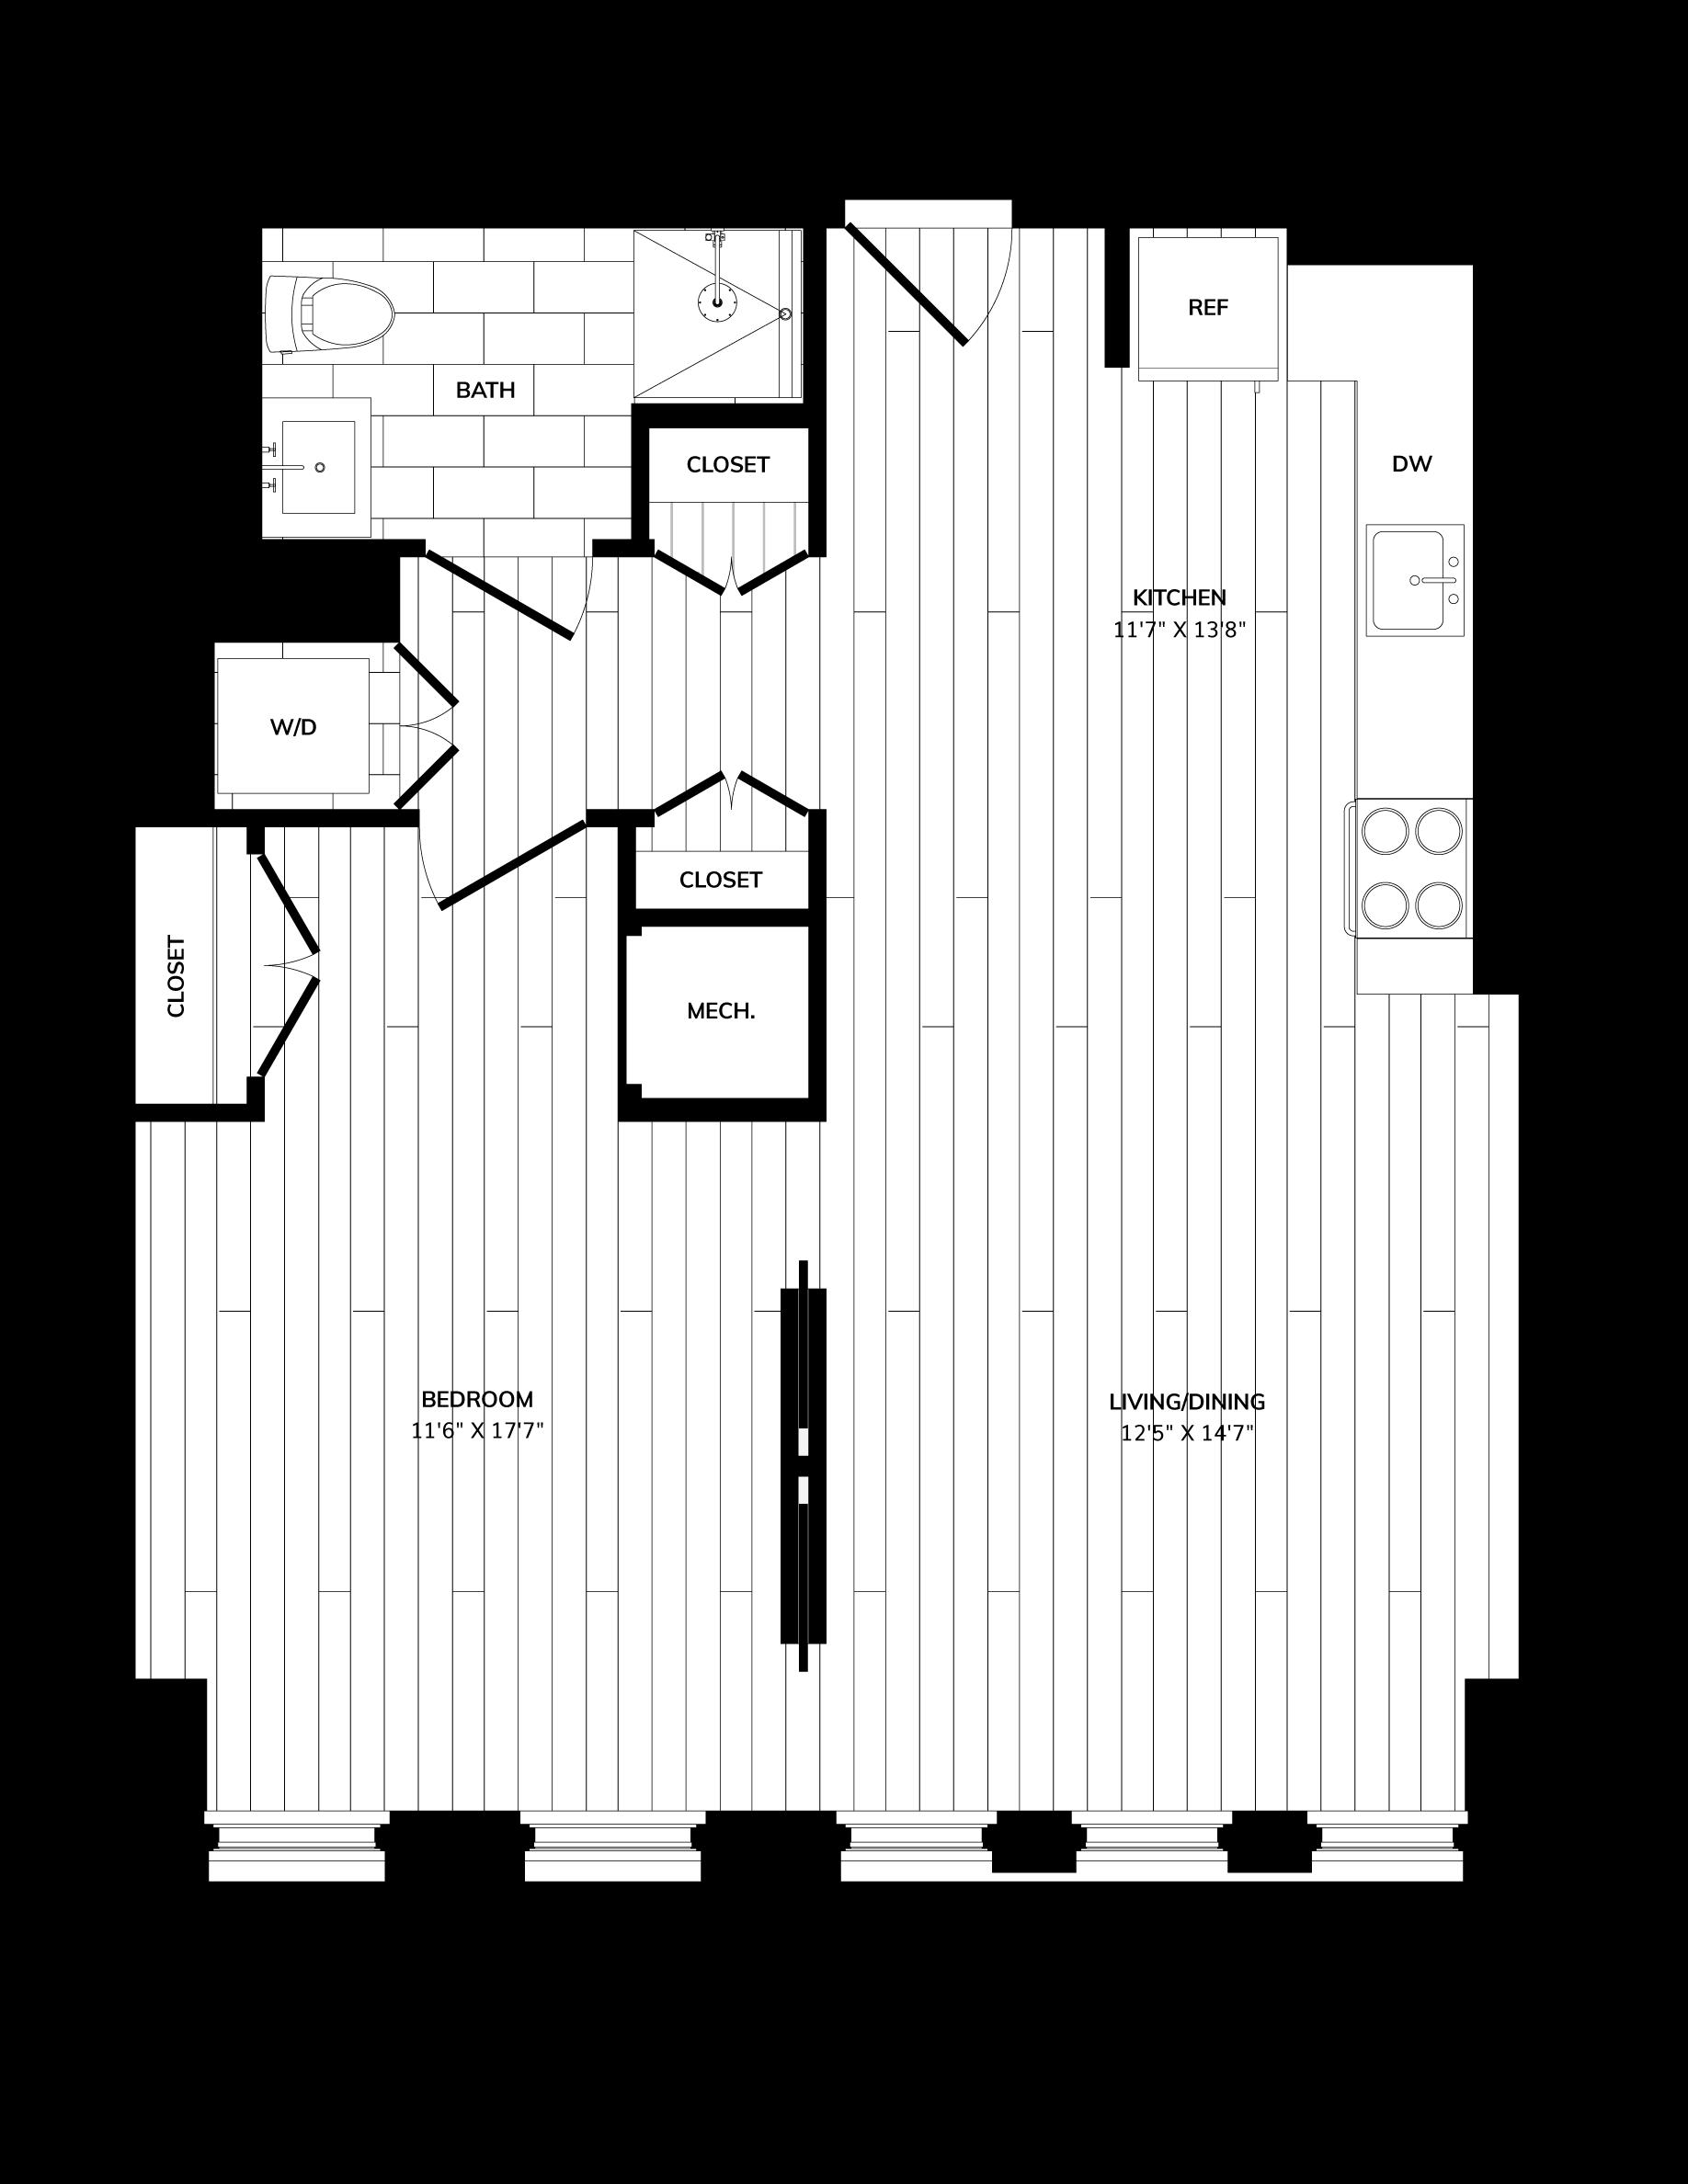 Floorplan image of unit 0910